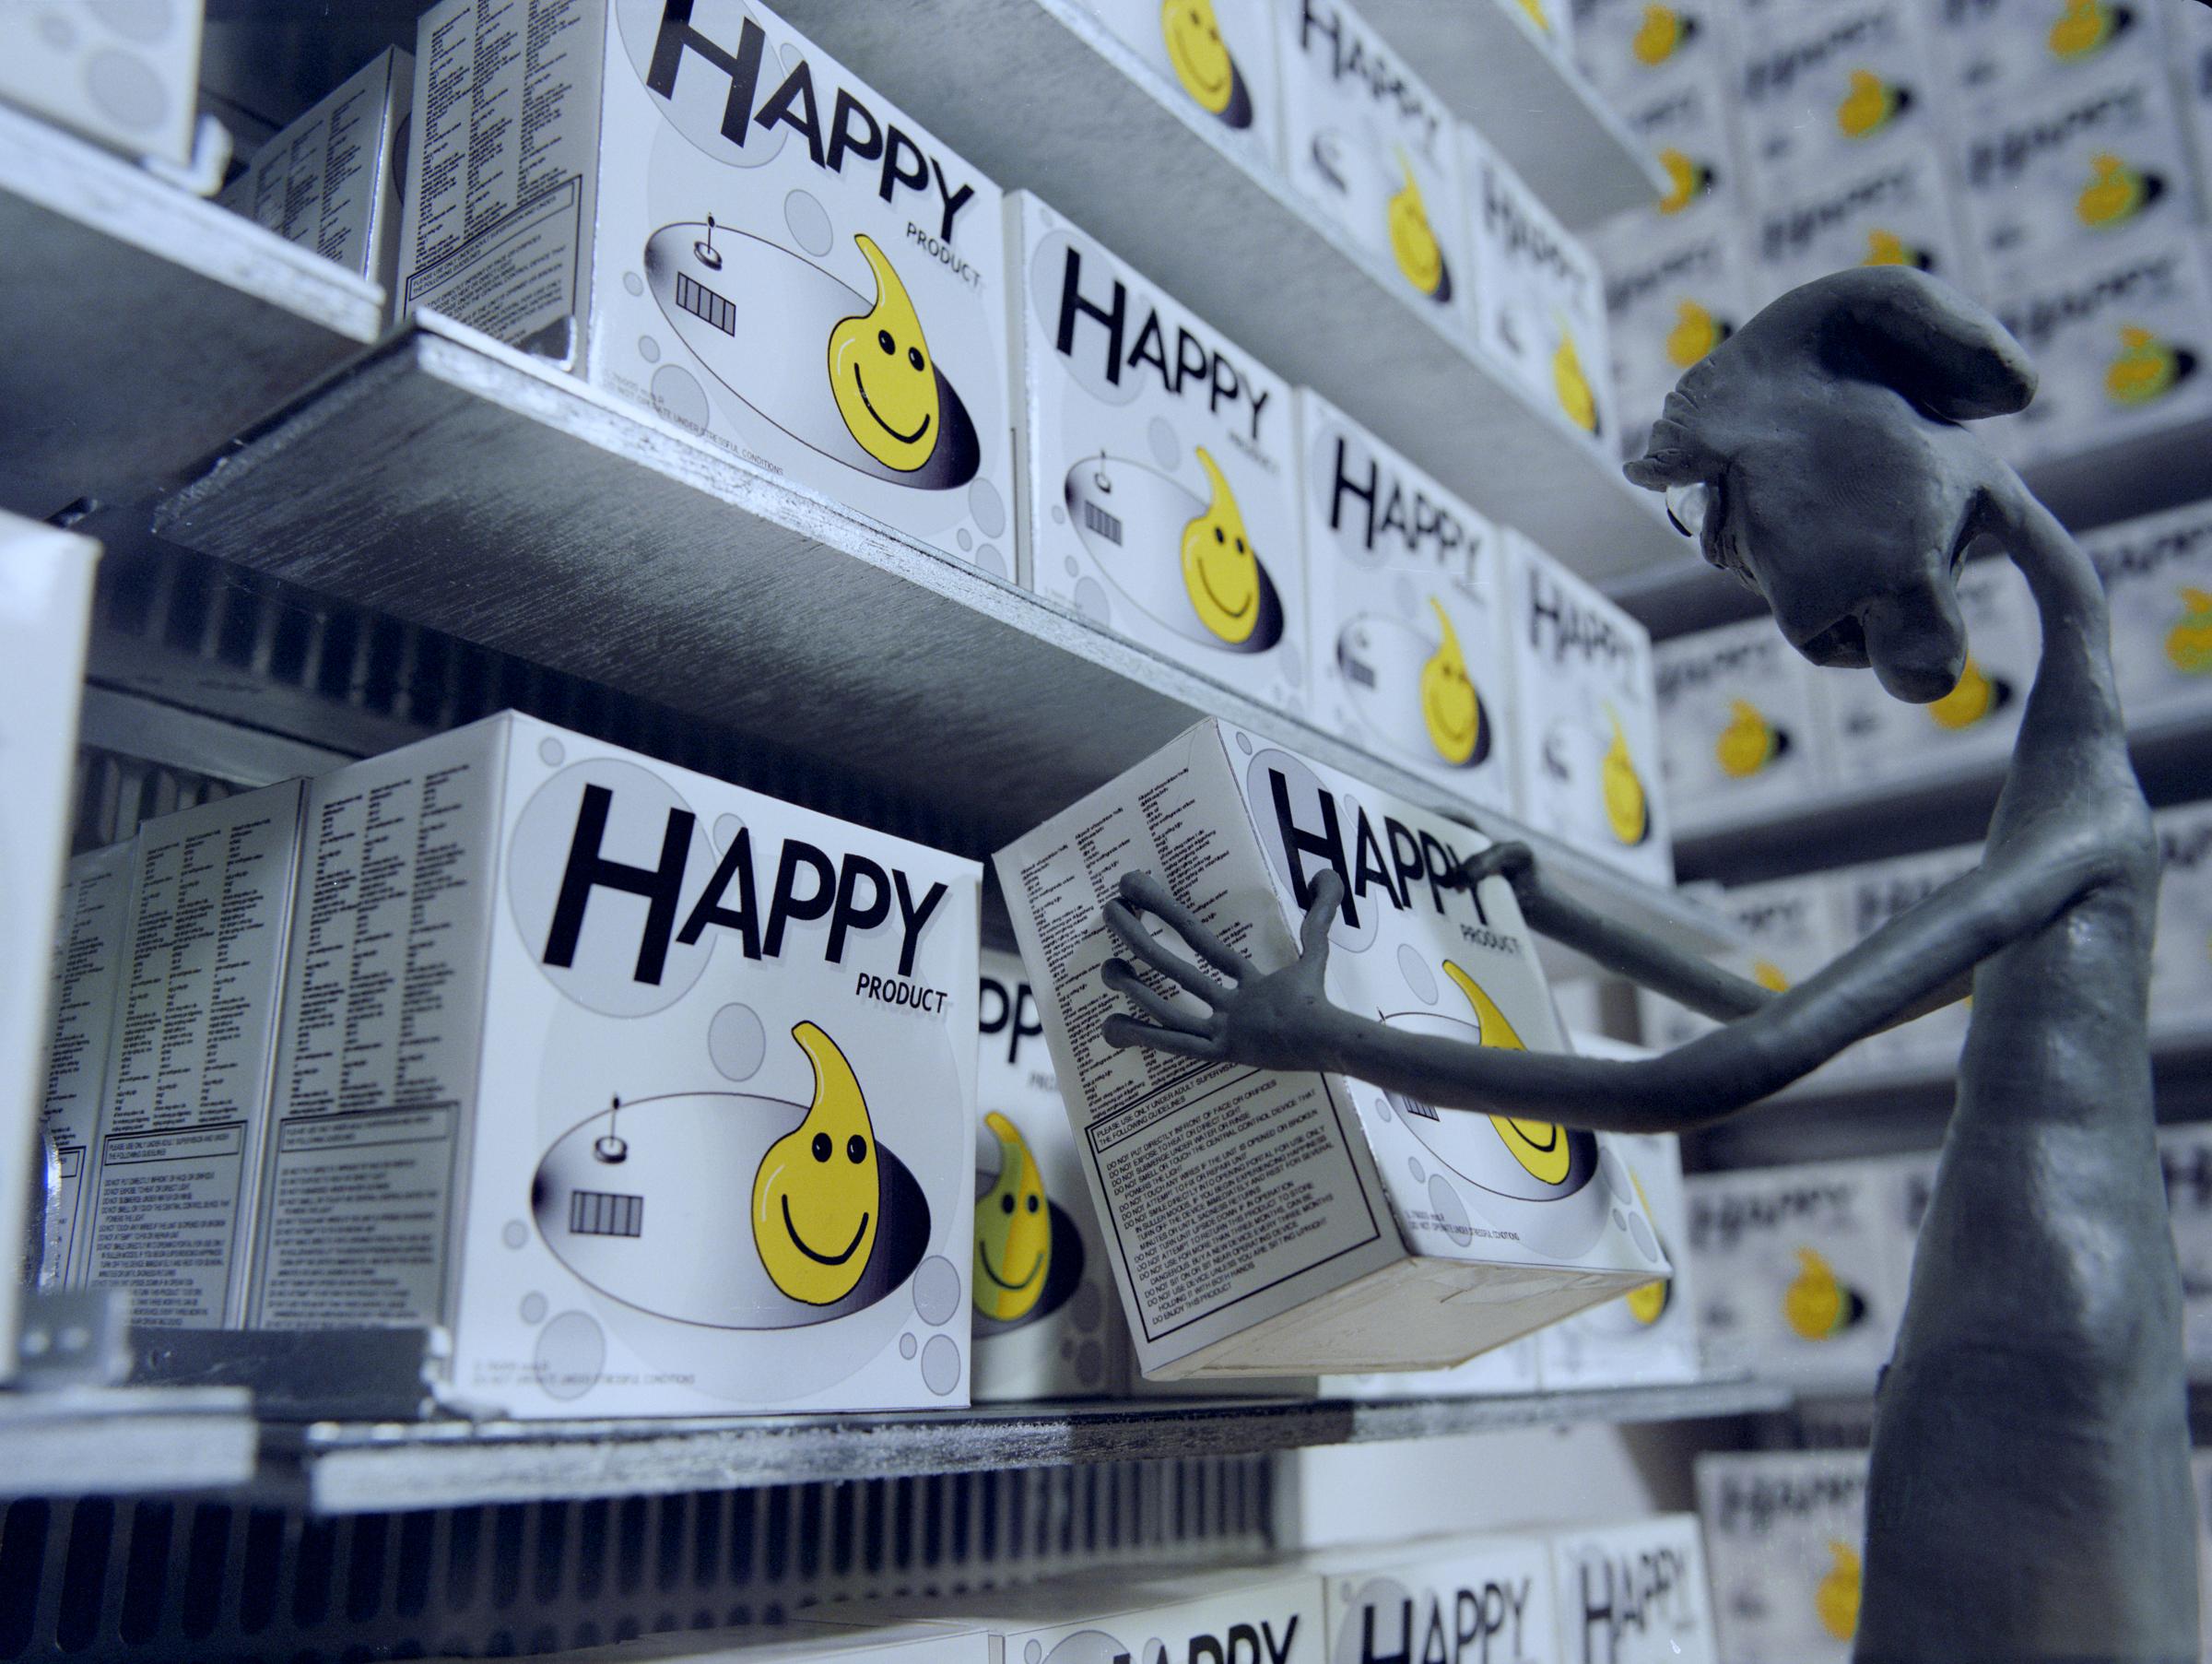 MORE_stills_017_happystore.jpg